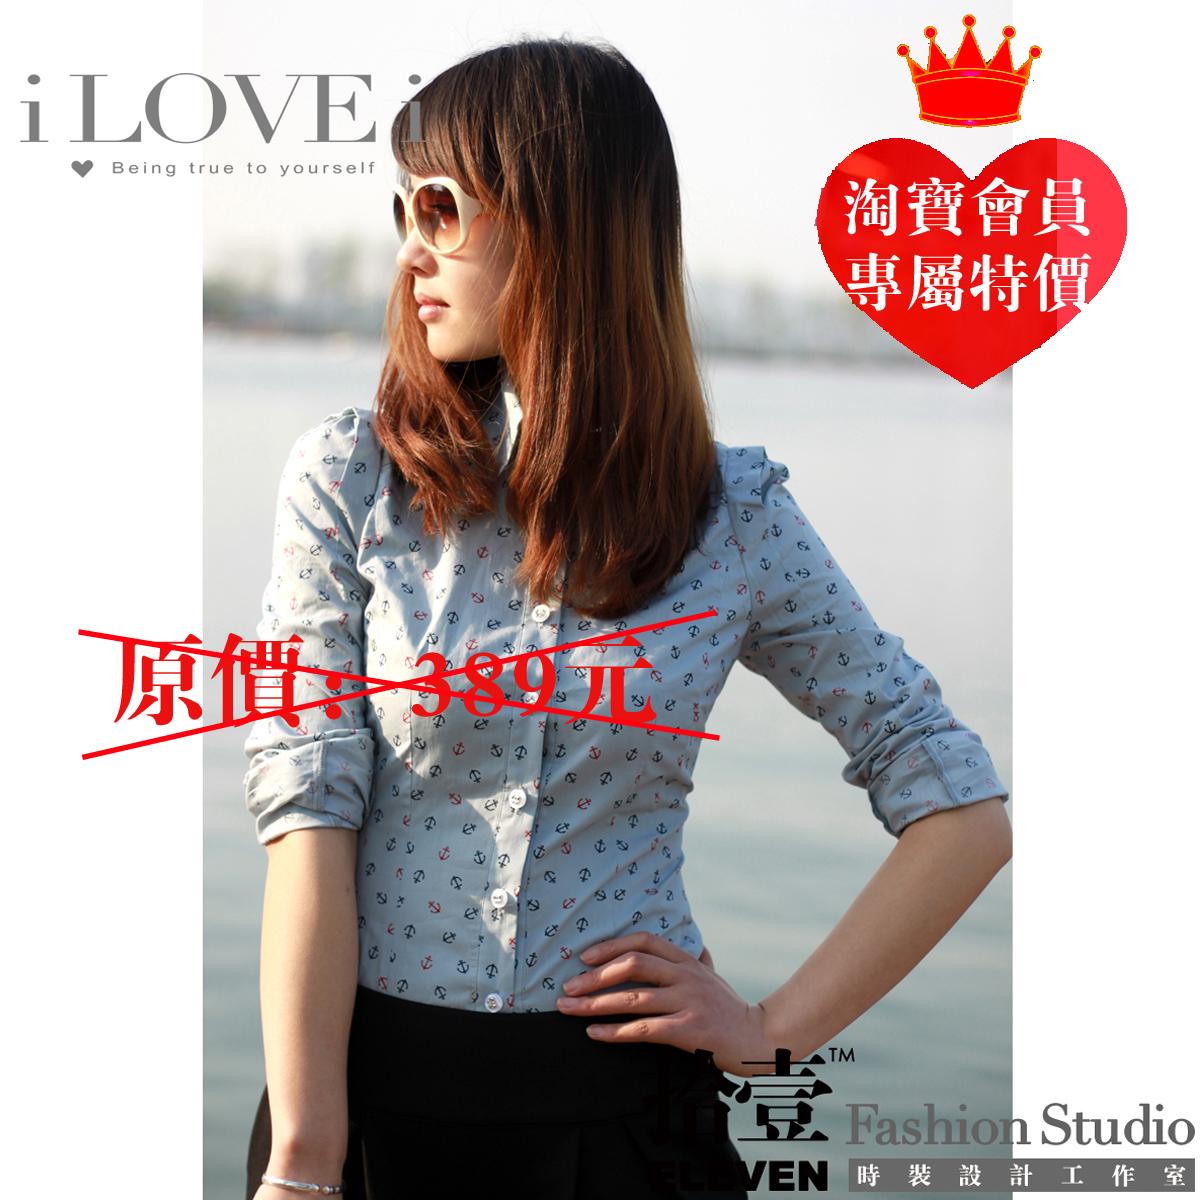 женская рубашка Ilovei · Городской стиль Длинный рукав Рисунок